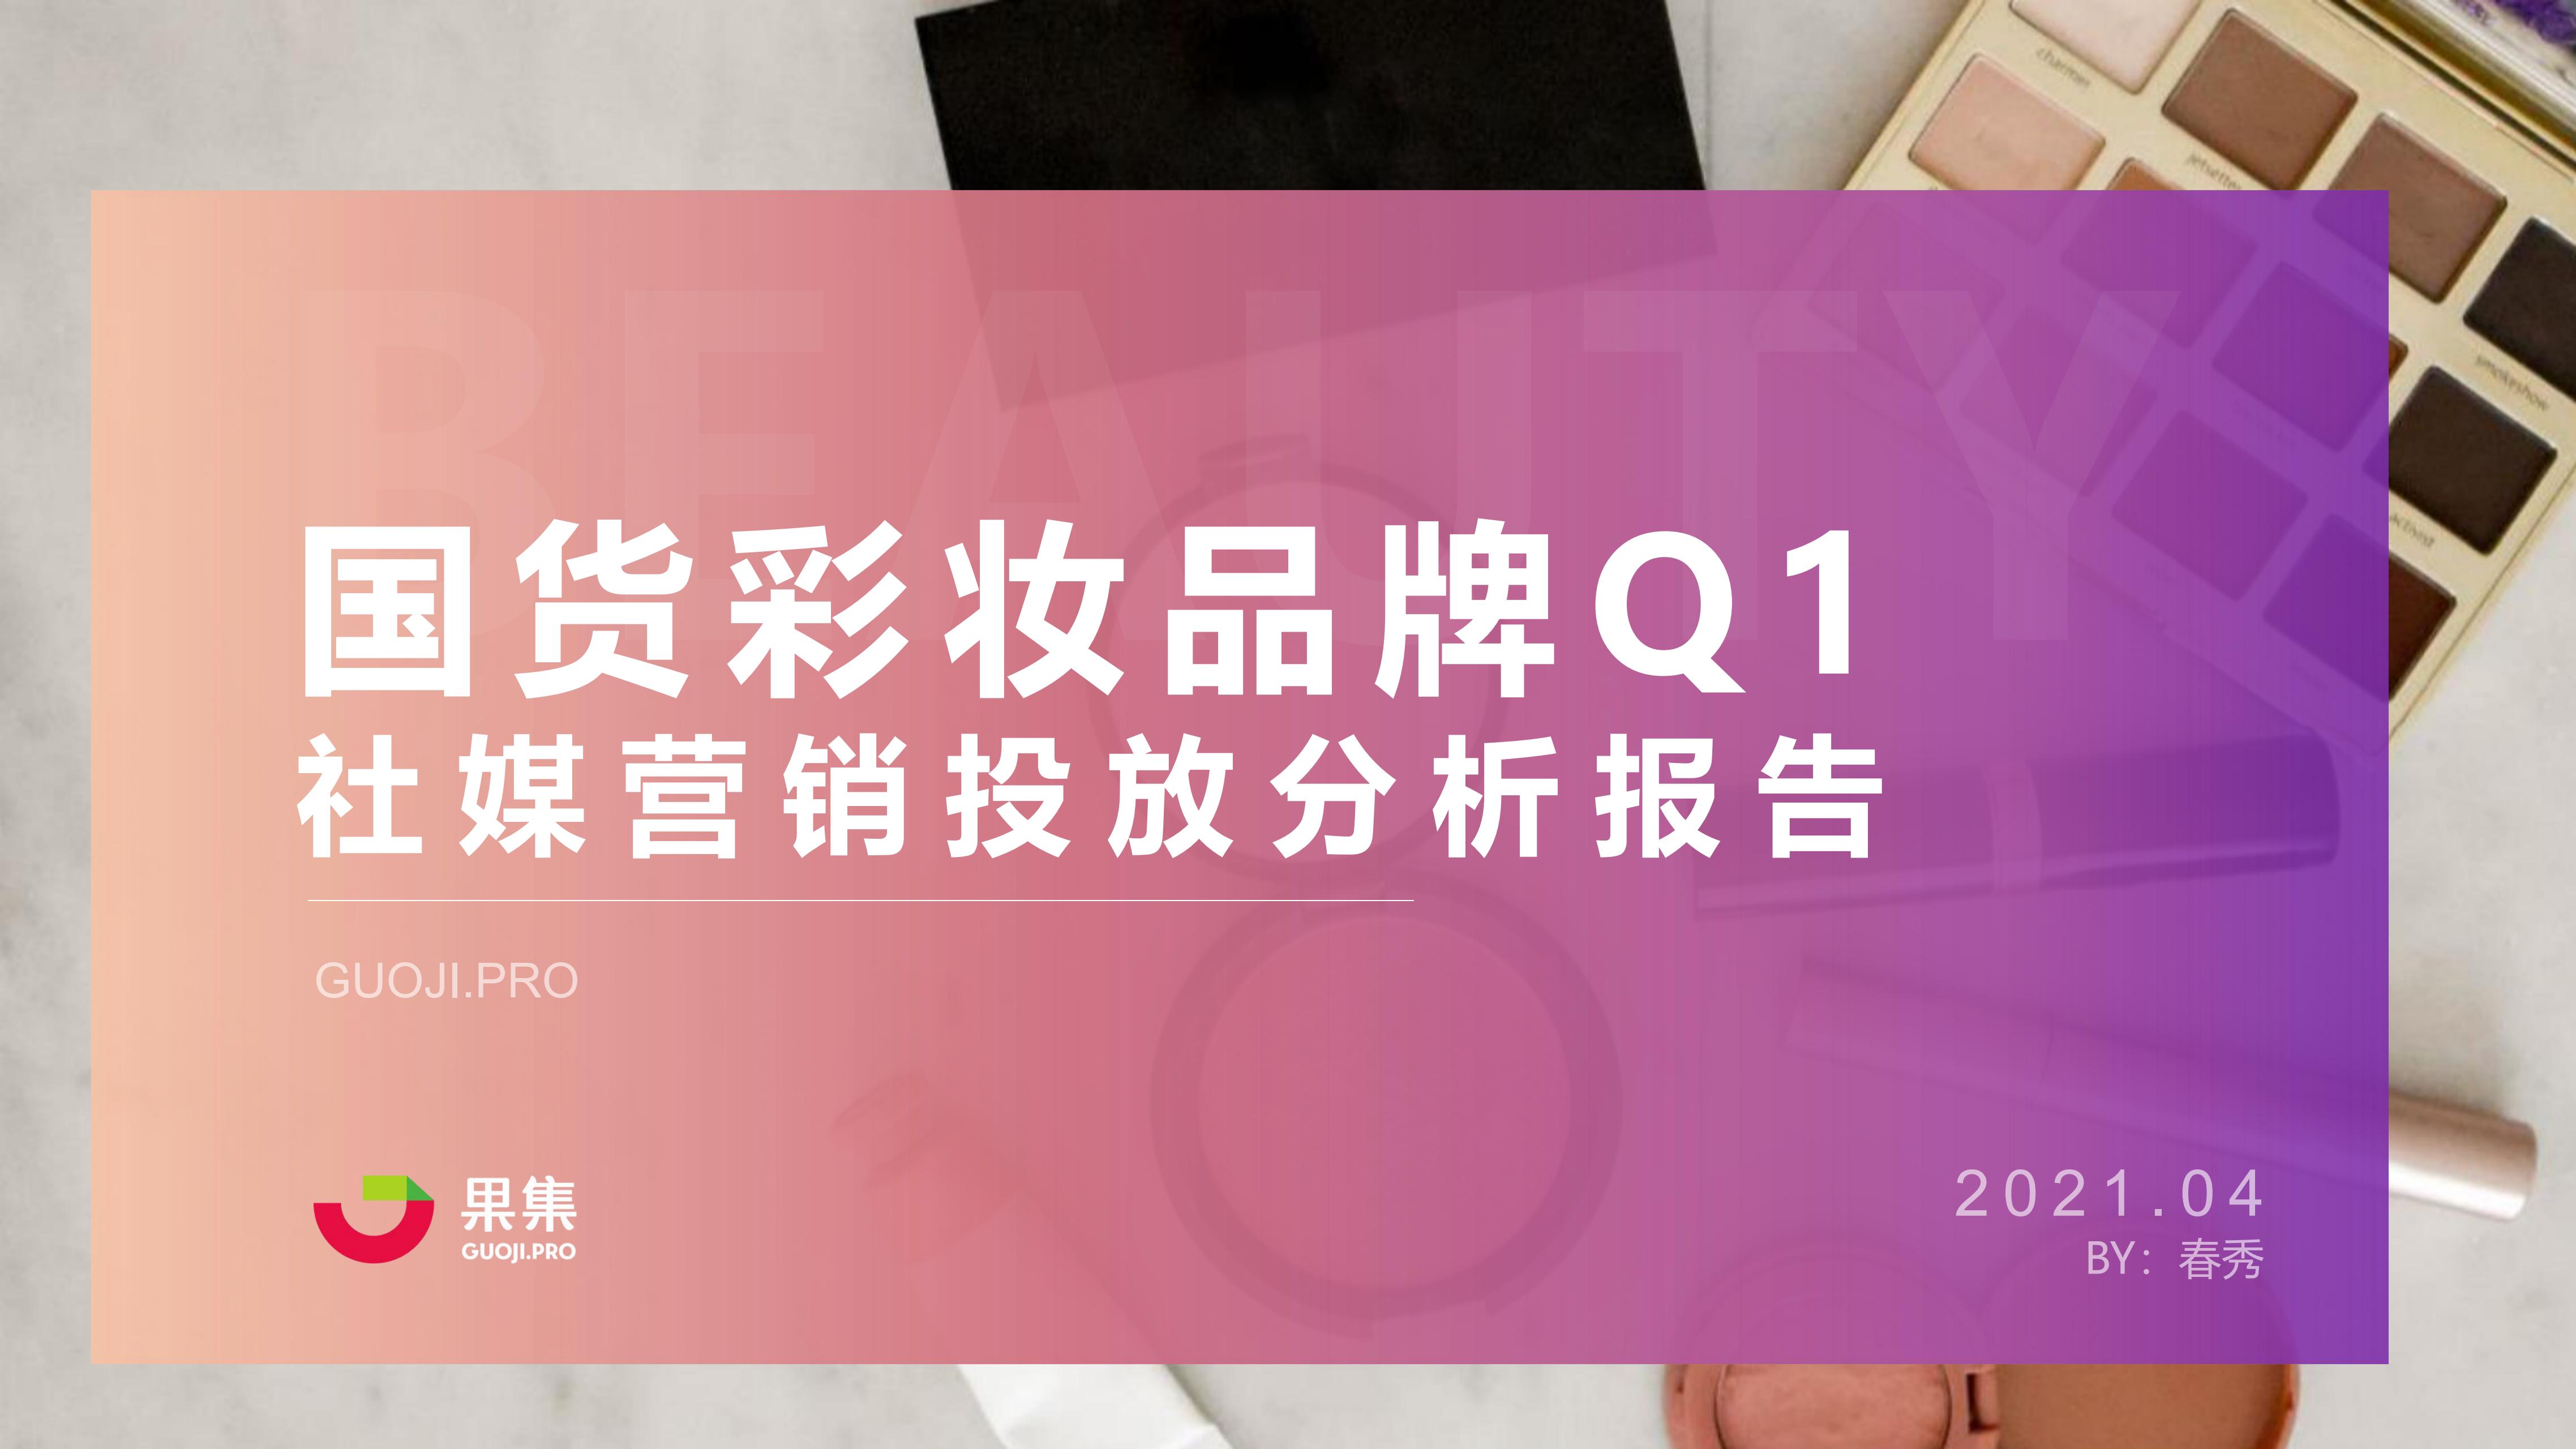 果集数据:国货彩妆品牌2021年Q1社媒营销投放分析报告